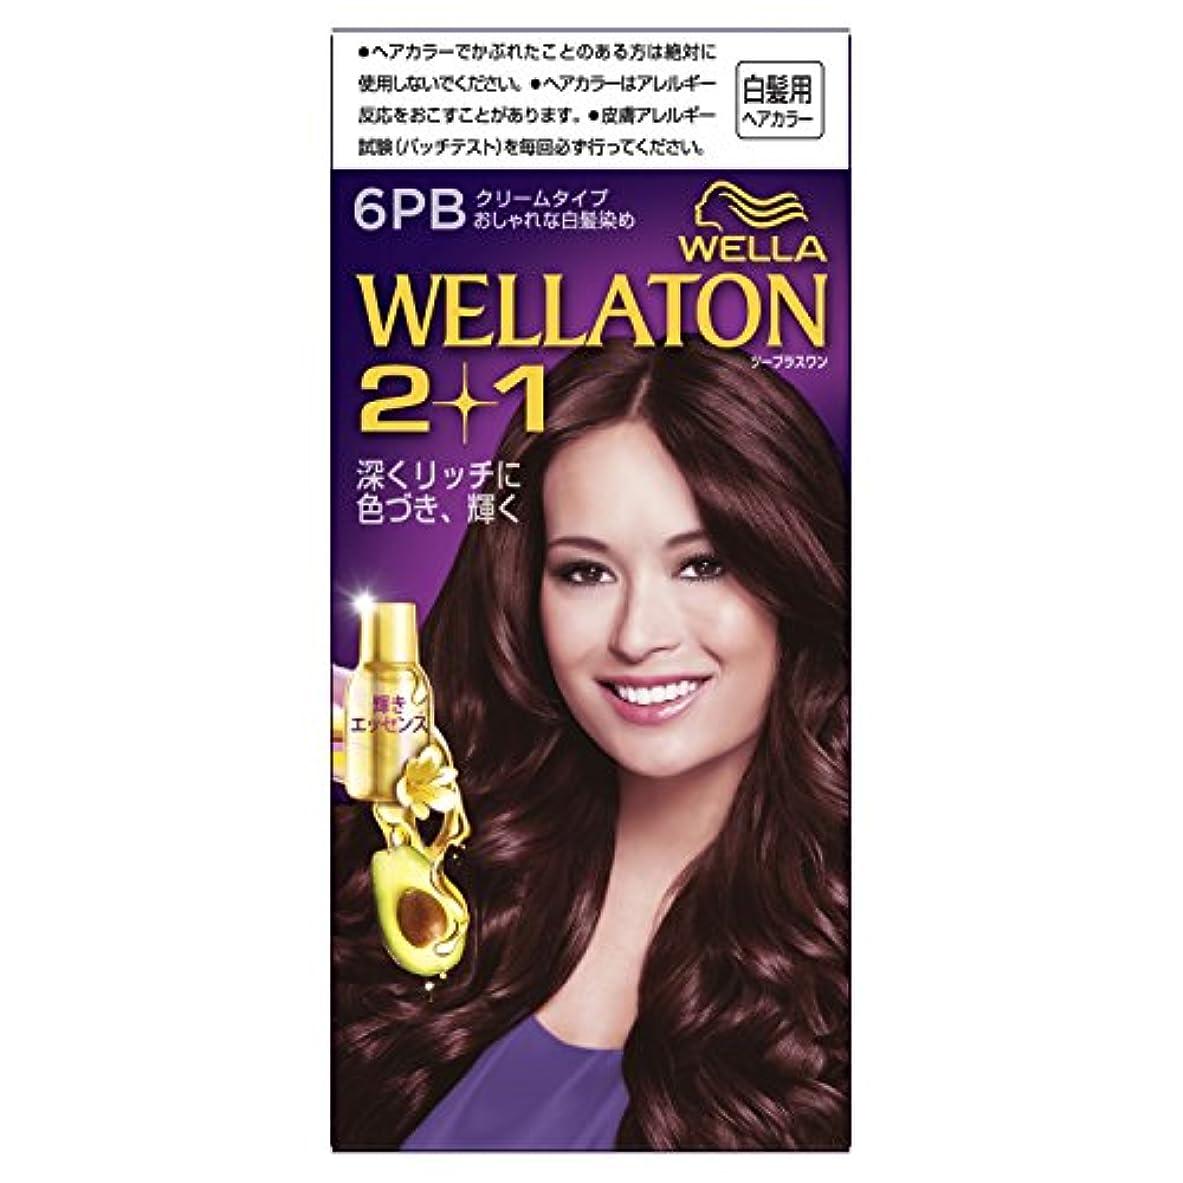 シネウィ遠えの中でウエラトーン2+1 クリームタイプ 6PB [医薬部外品](おしゃれな白髪染め)